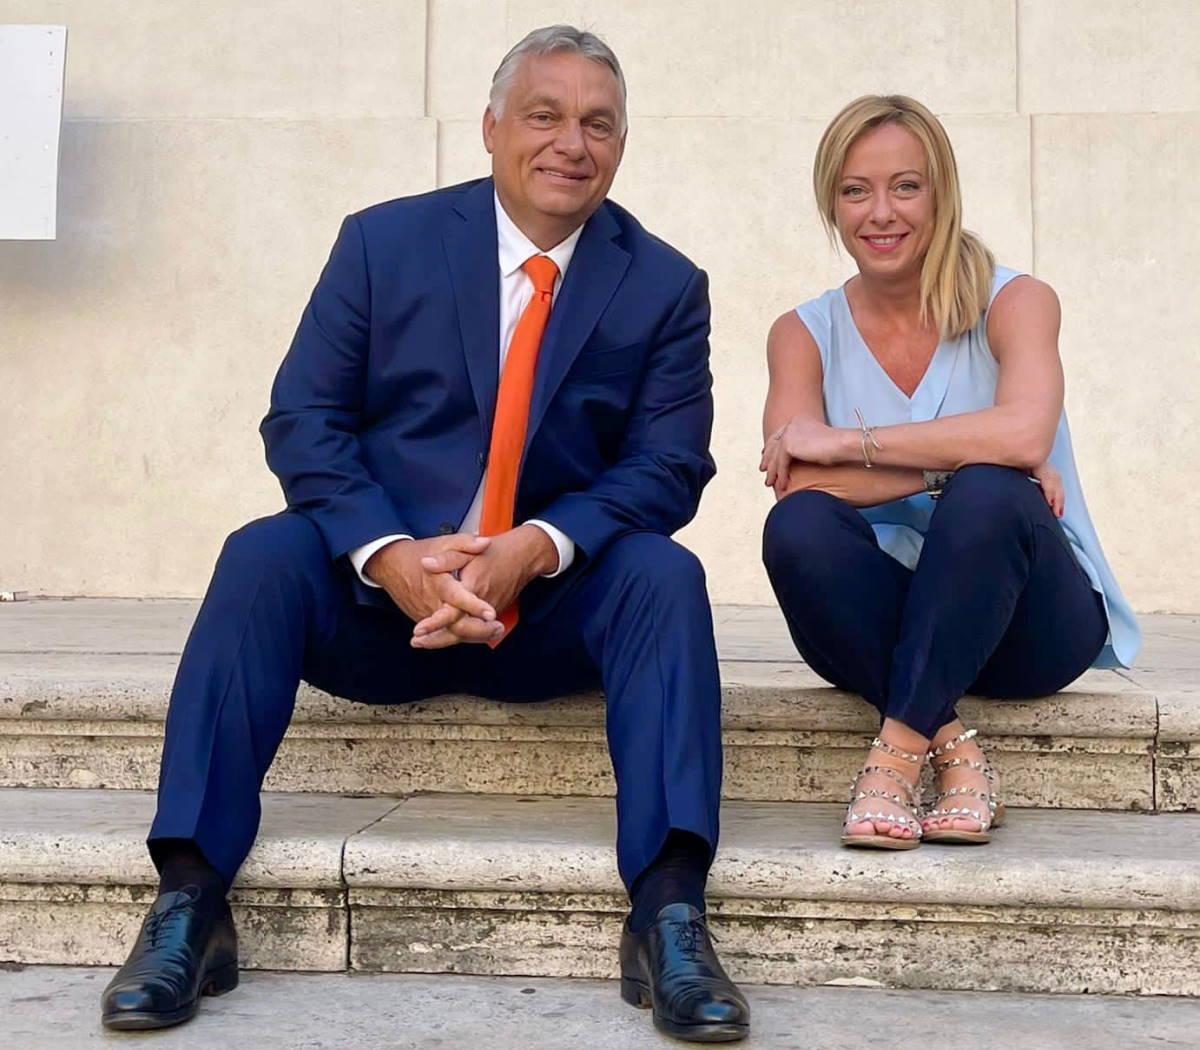 Il saluto tra Meloni e Orban in visita (privata) a Roma